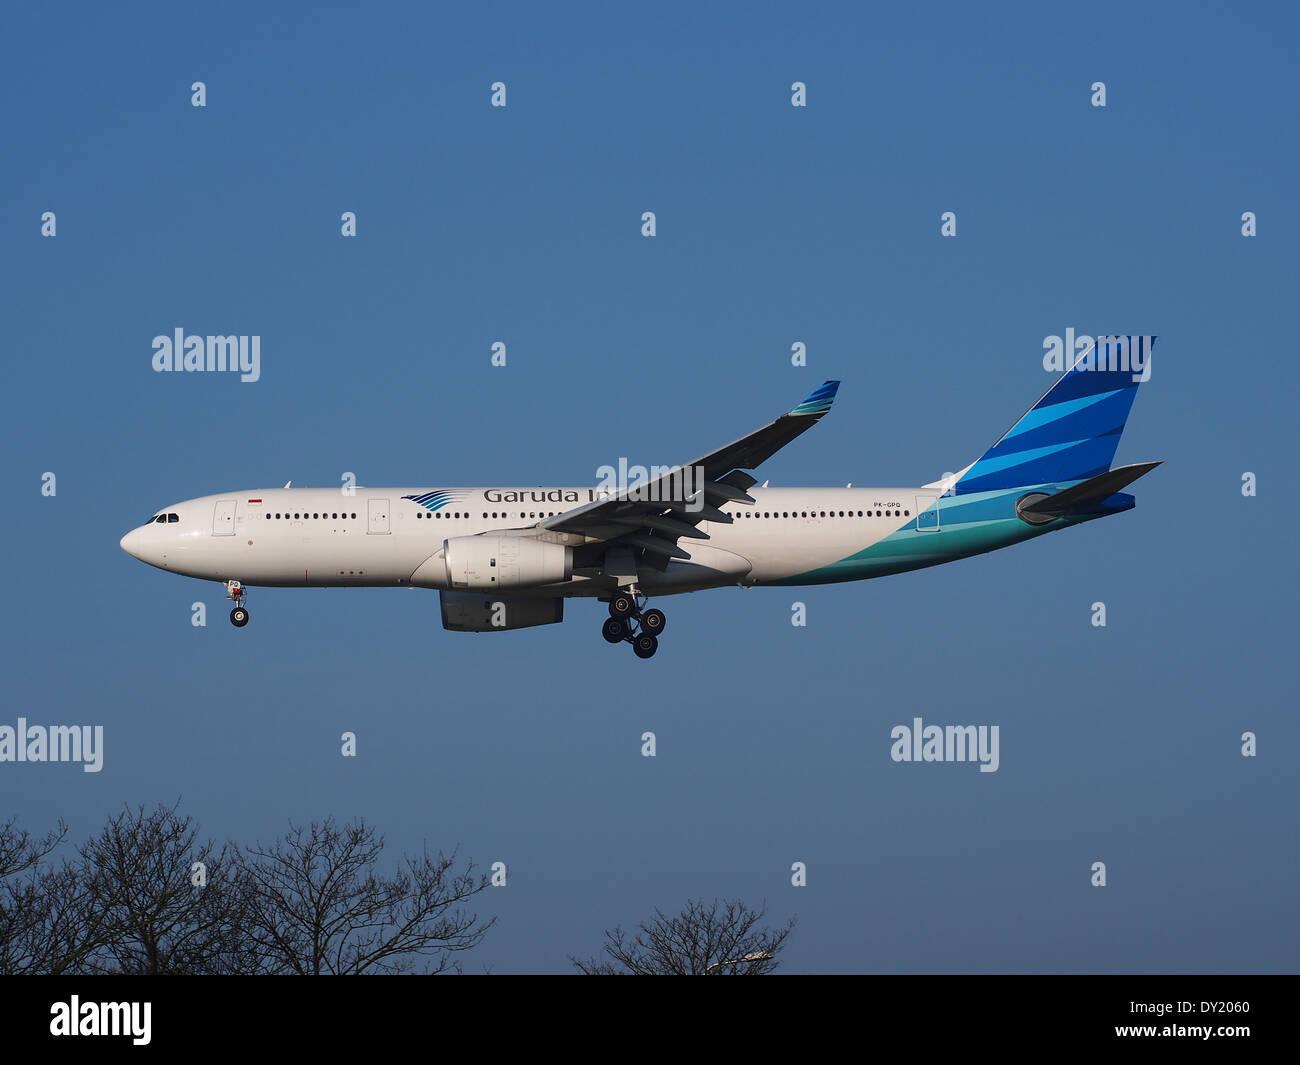 PK-GPQ Garuda Indonesia Airbus A330-243 - cn 1410, landing on Schiphol, pic-3 - Stock Image